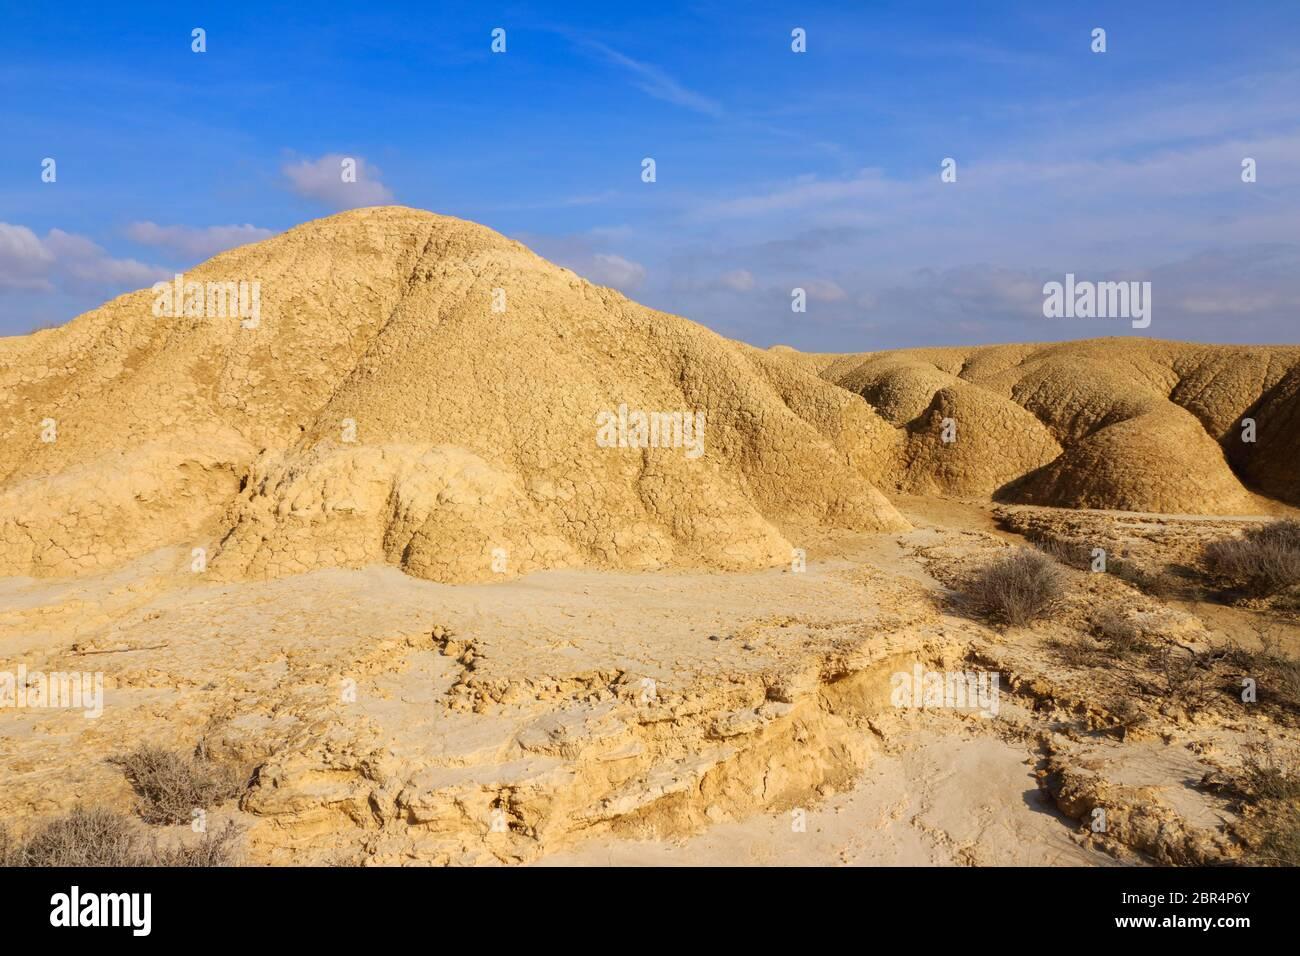 Le terre che colpiscono con crepe di essiccazione distinte nella regione naturale semi-desertica Bardenas Reales, la Riserva della Biosfera dell'UNESCO, Navarra, Spagna Foto Stock